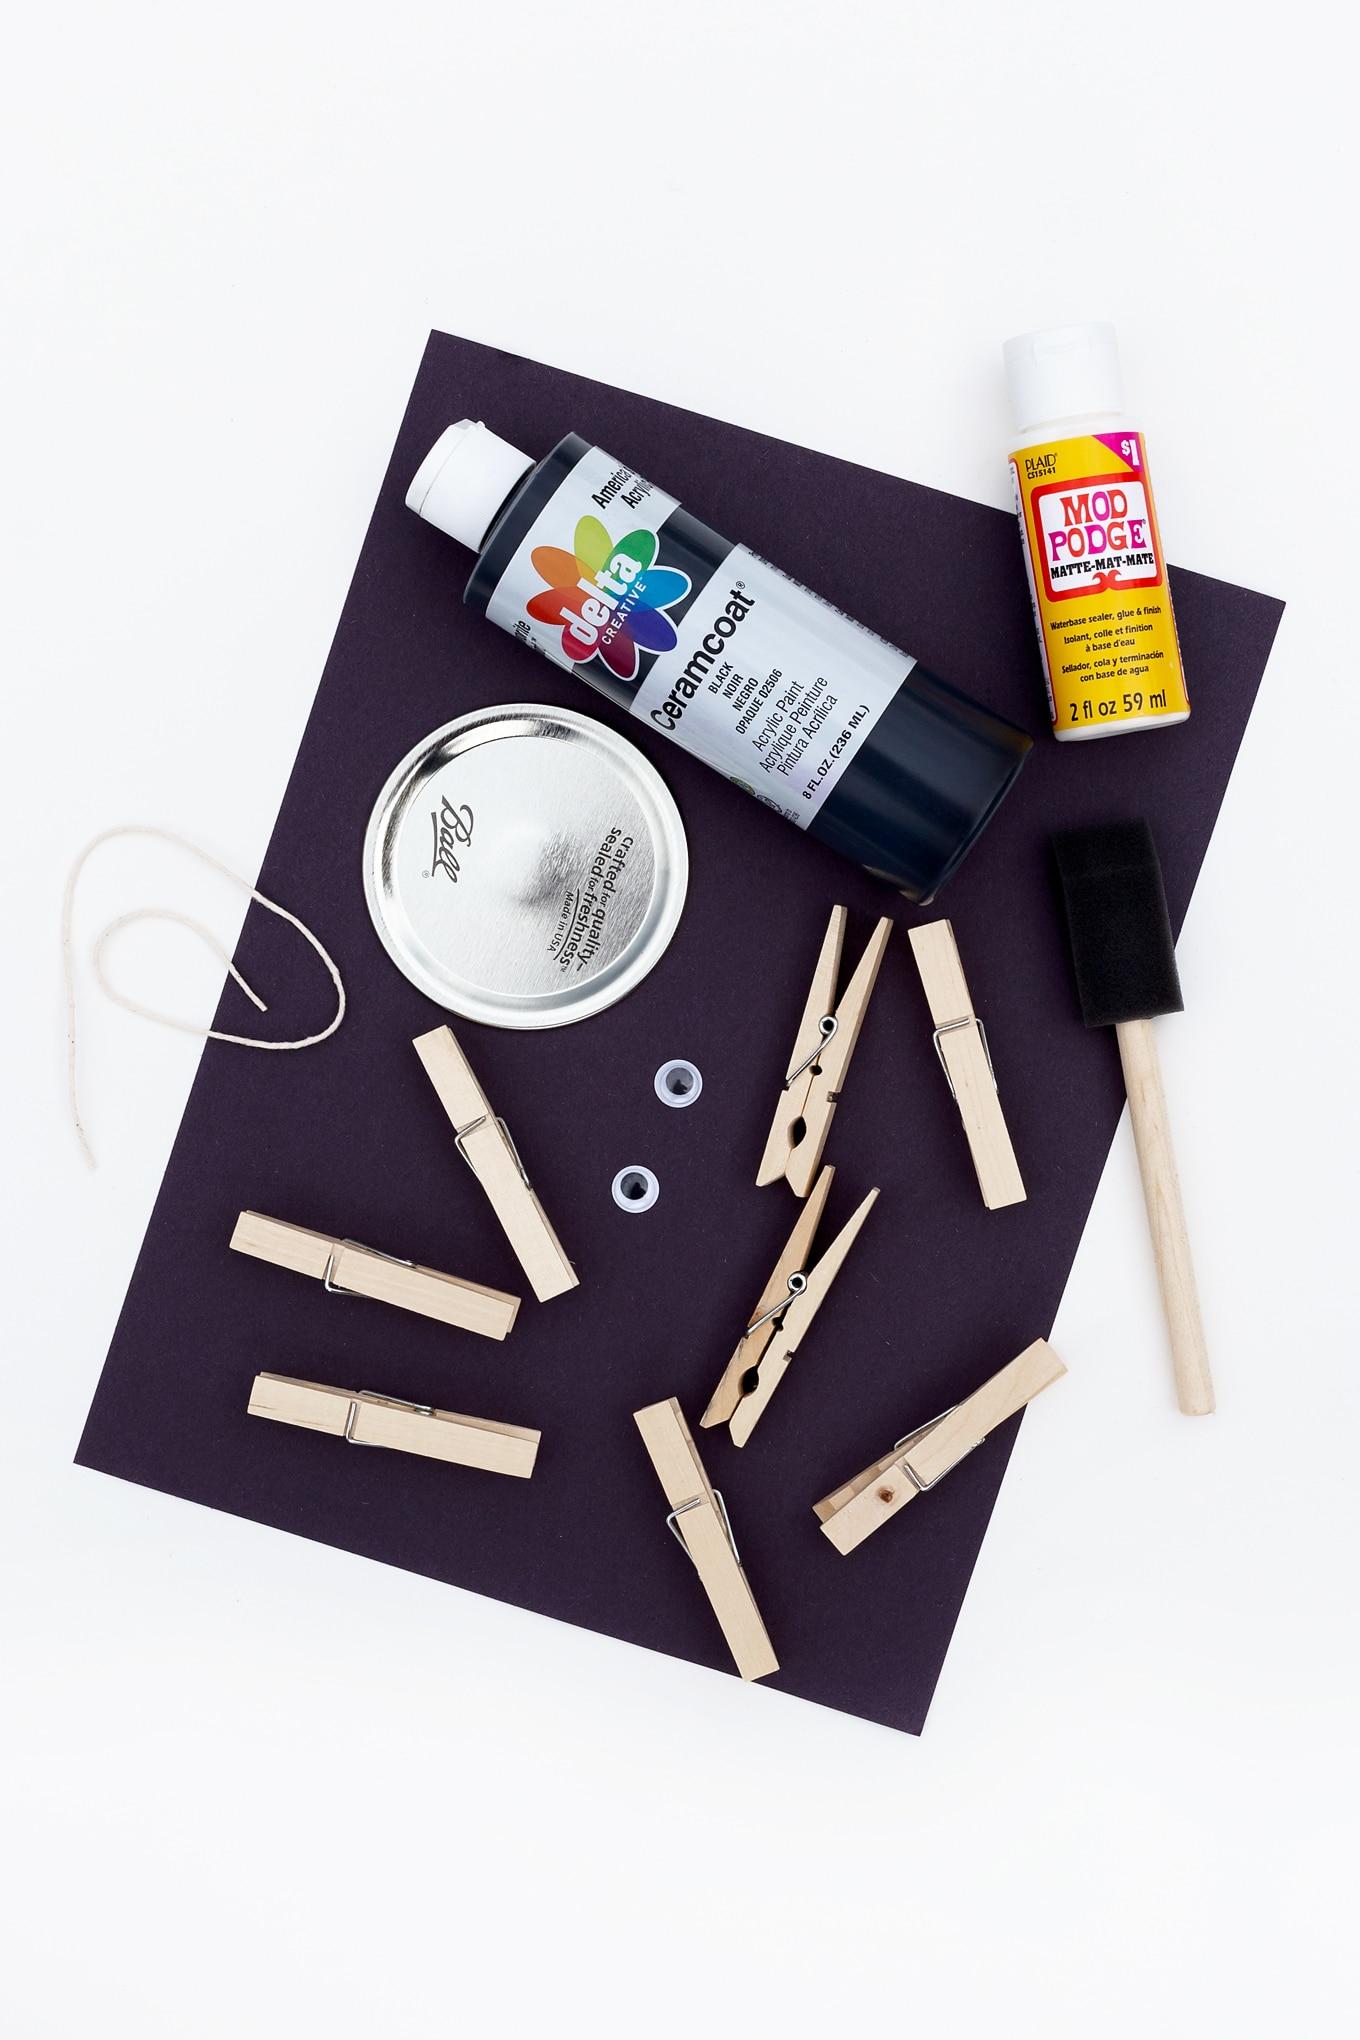 Mason Jar Lid Spider Craft Materials